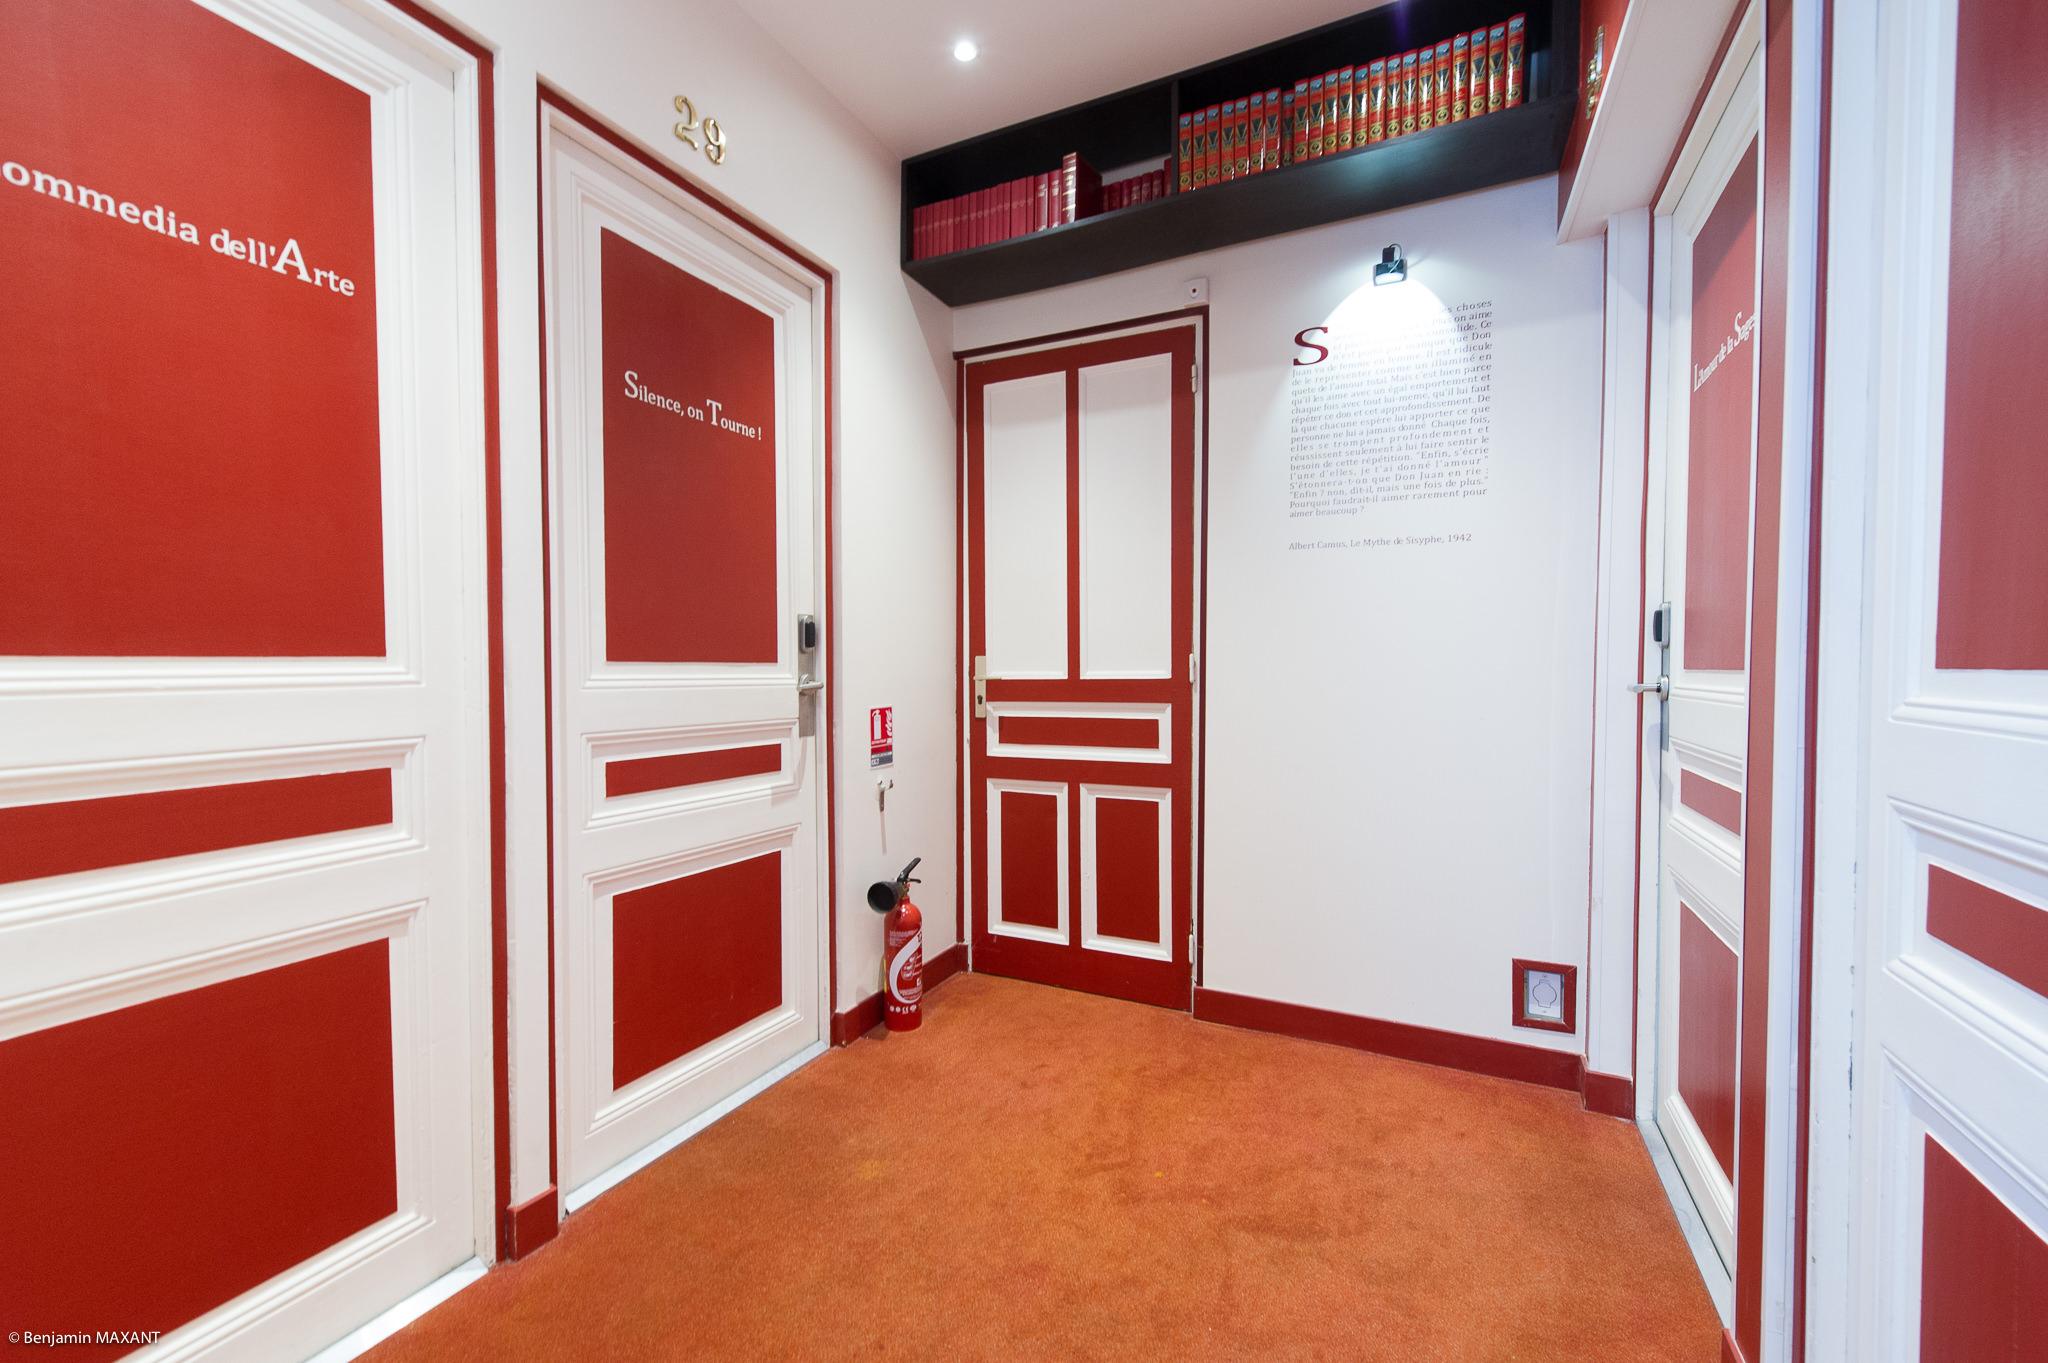 Reportage photo immobilier - Hôtel Idéal - couloir et porte des chambres